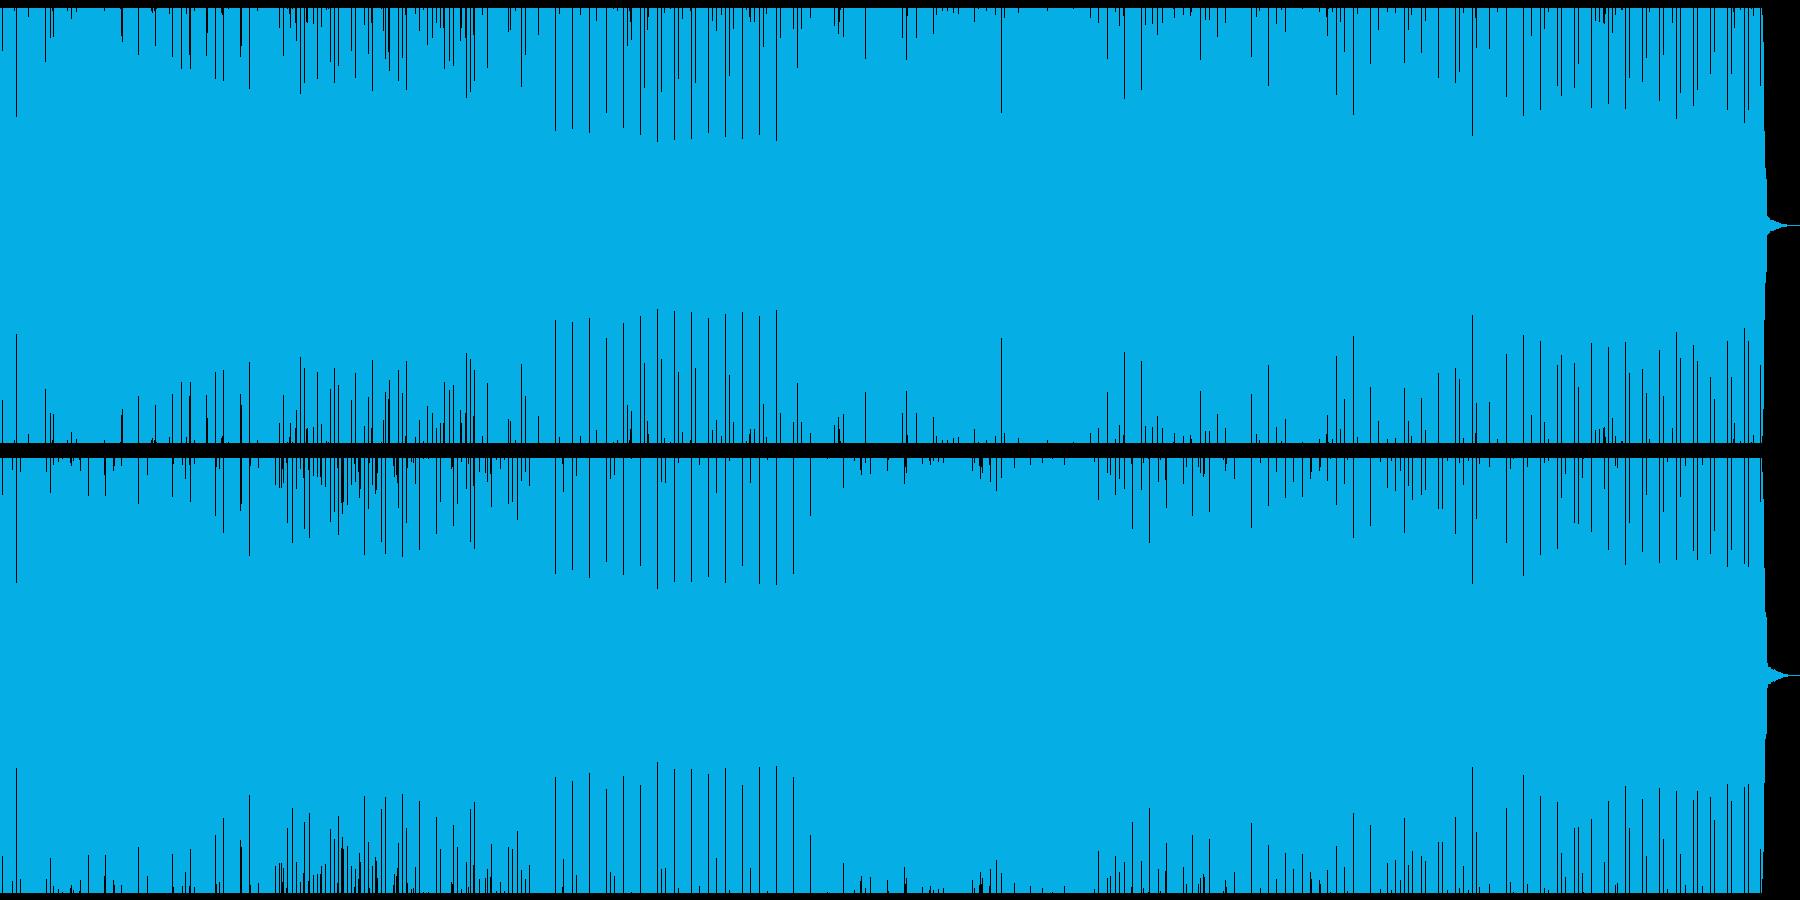 ゲーム音楽風のハウスの再生済みの波形